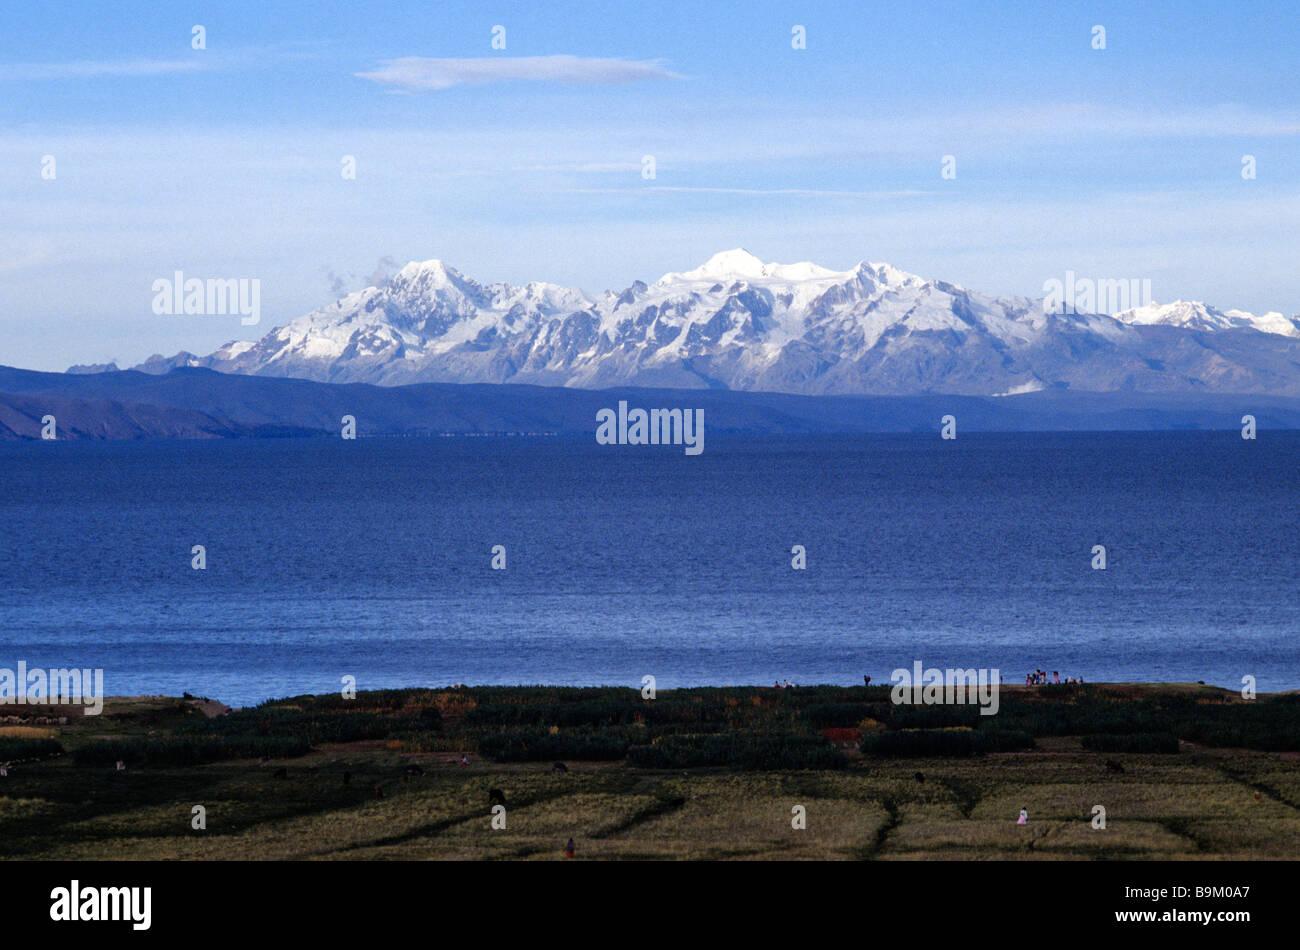 Bolivia, La Paz department, Lake Titicaca, Island of the Sun, the Real Cordillera Stock Photo